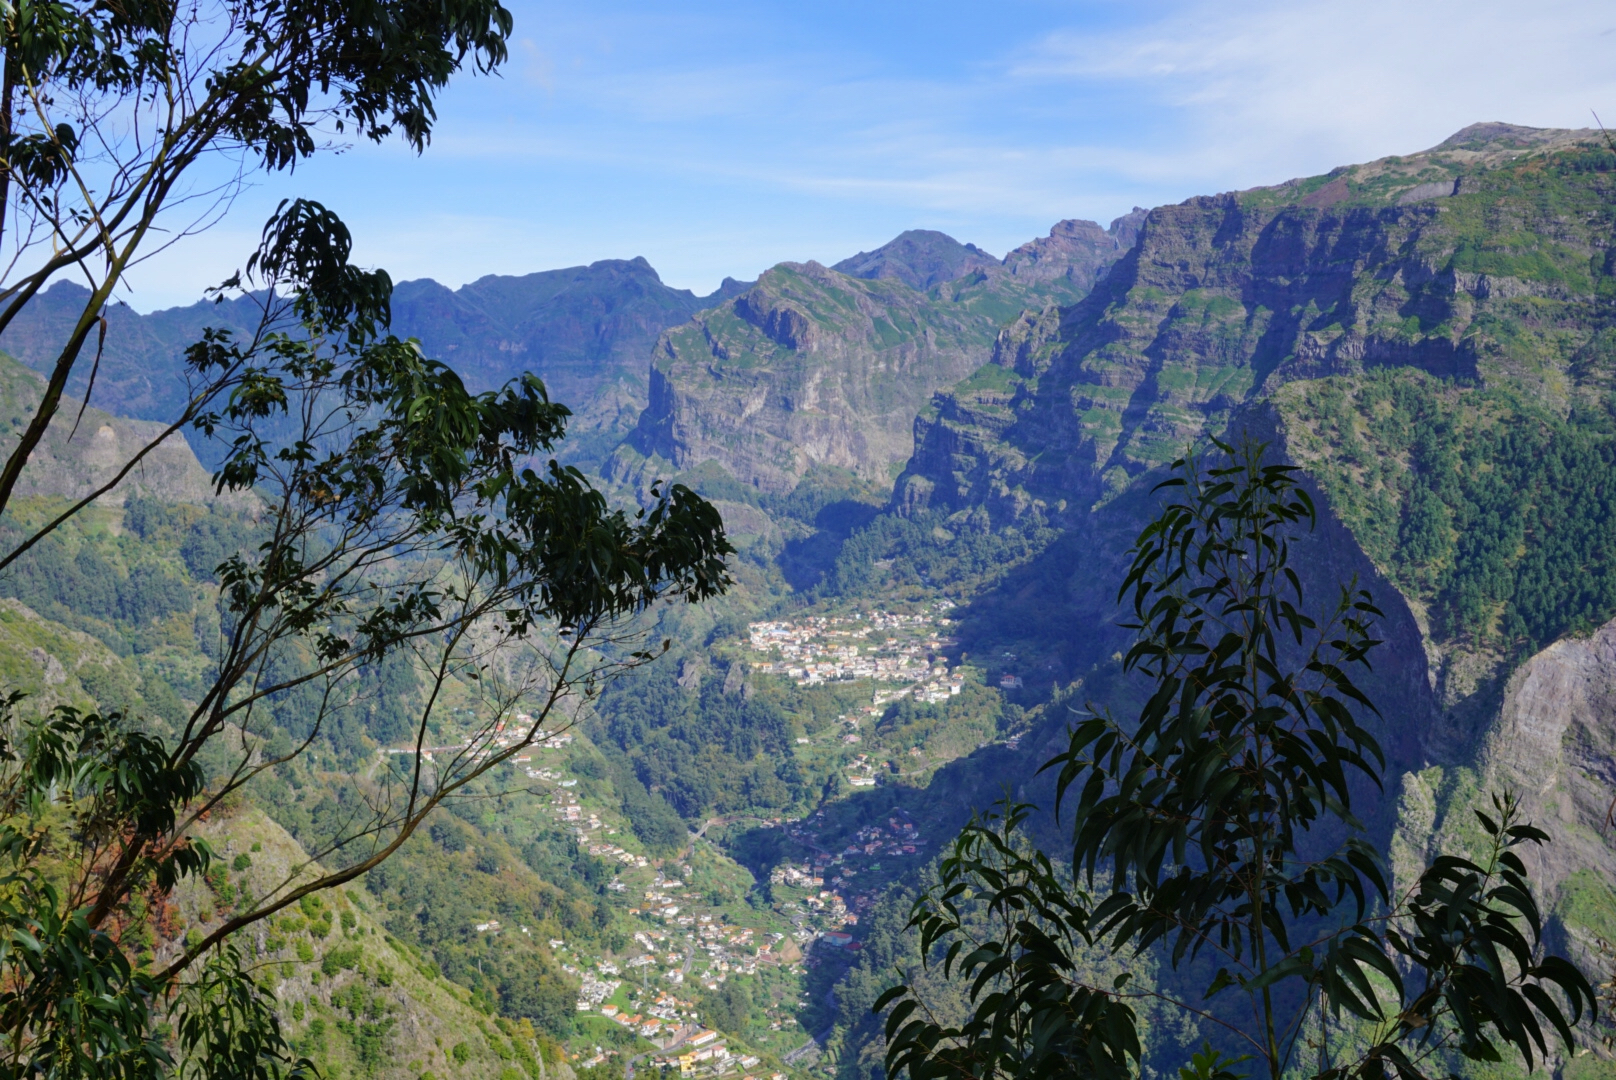 Nuns Valley, Madeira 2018